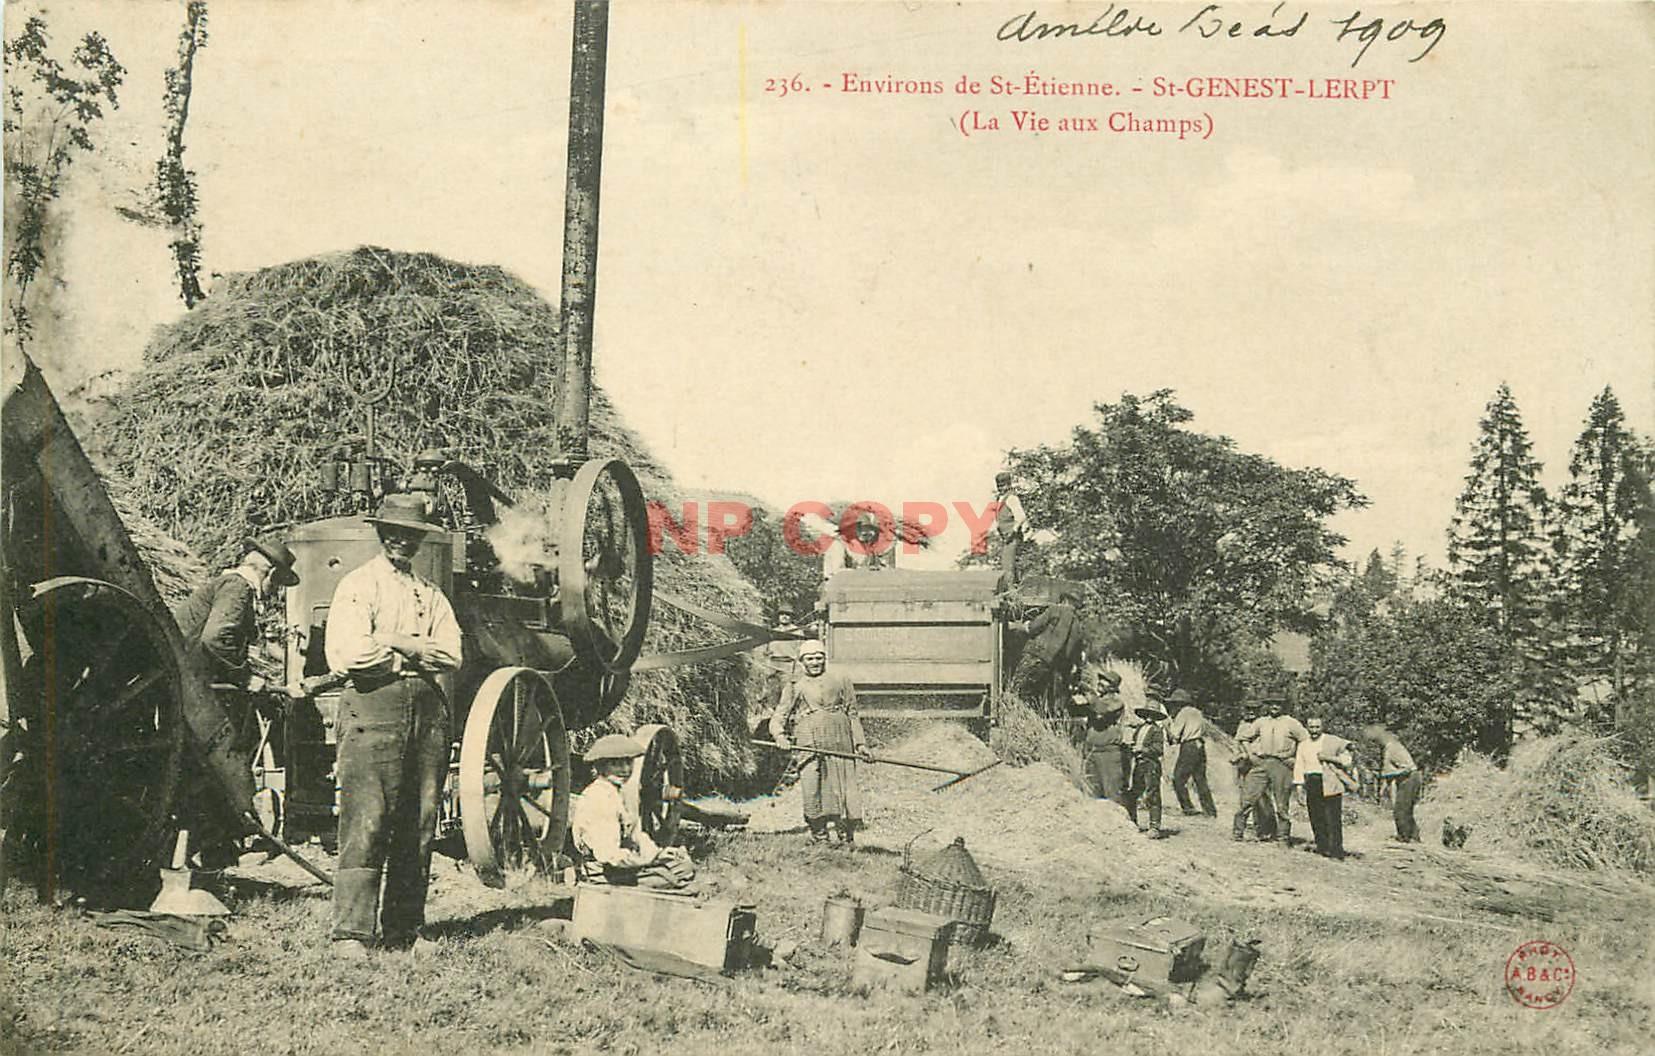 WW 42 SAINT-GENEST-LERPT. La Vie aux champs avec Moissoneuse Batteuse 1909